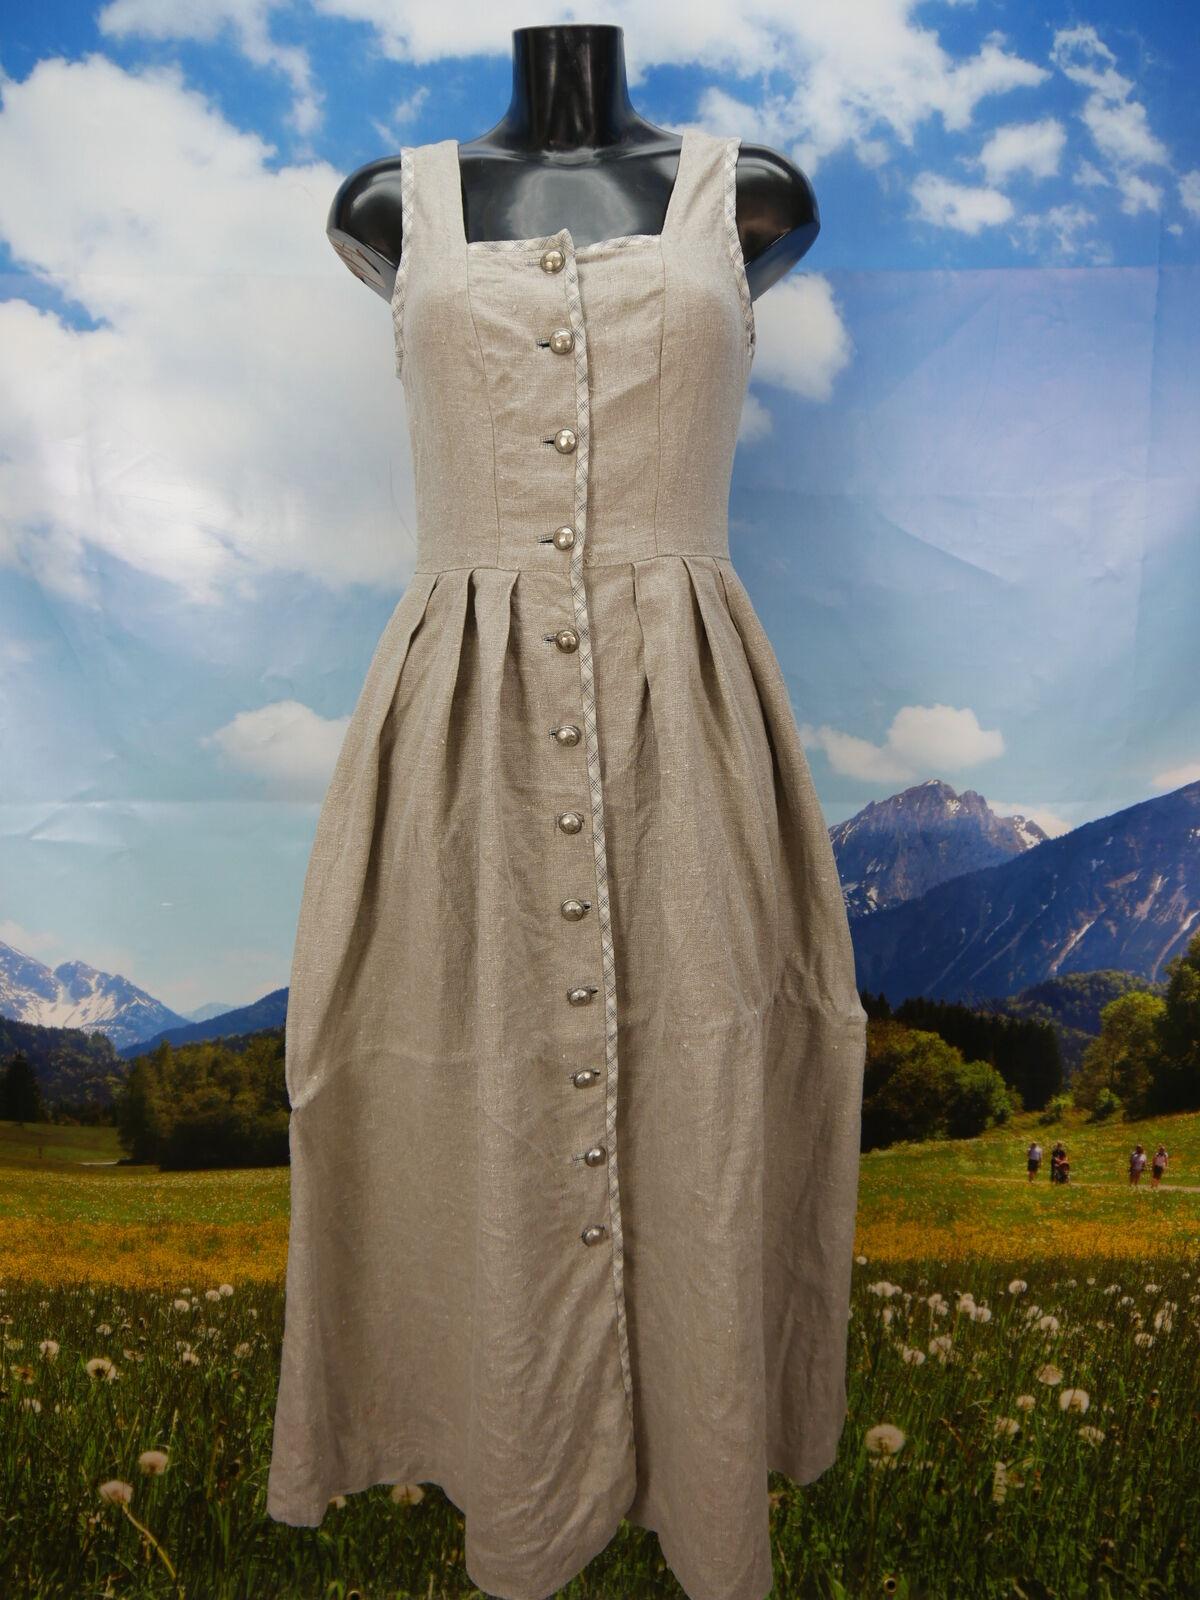 Leinen Dirndl schlichtes Leinenkleid in grau Trachtenkleid Landhauskleid Gr.36